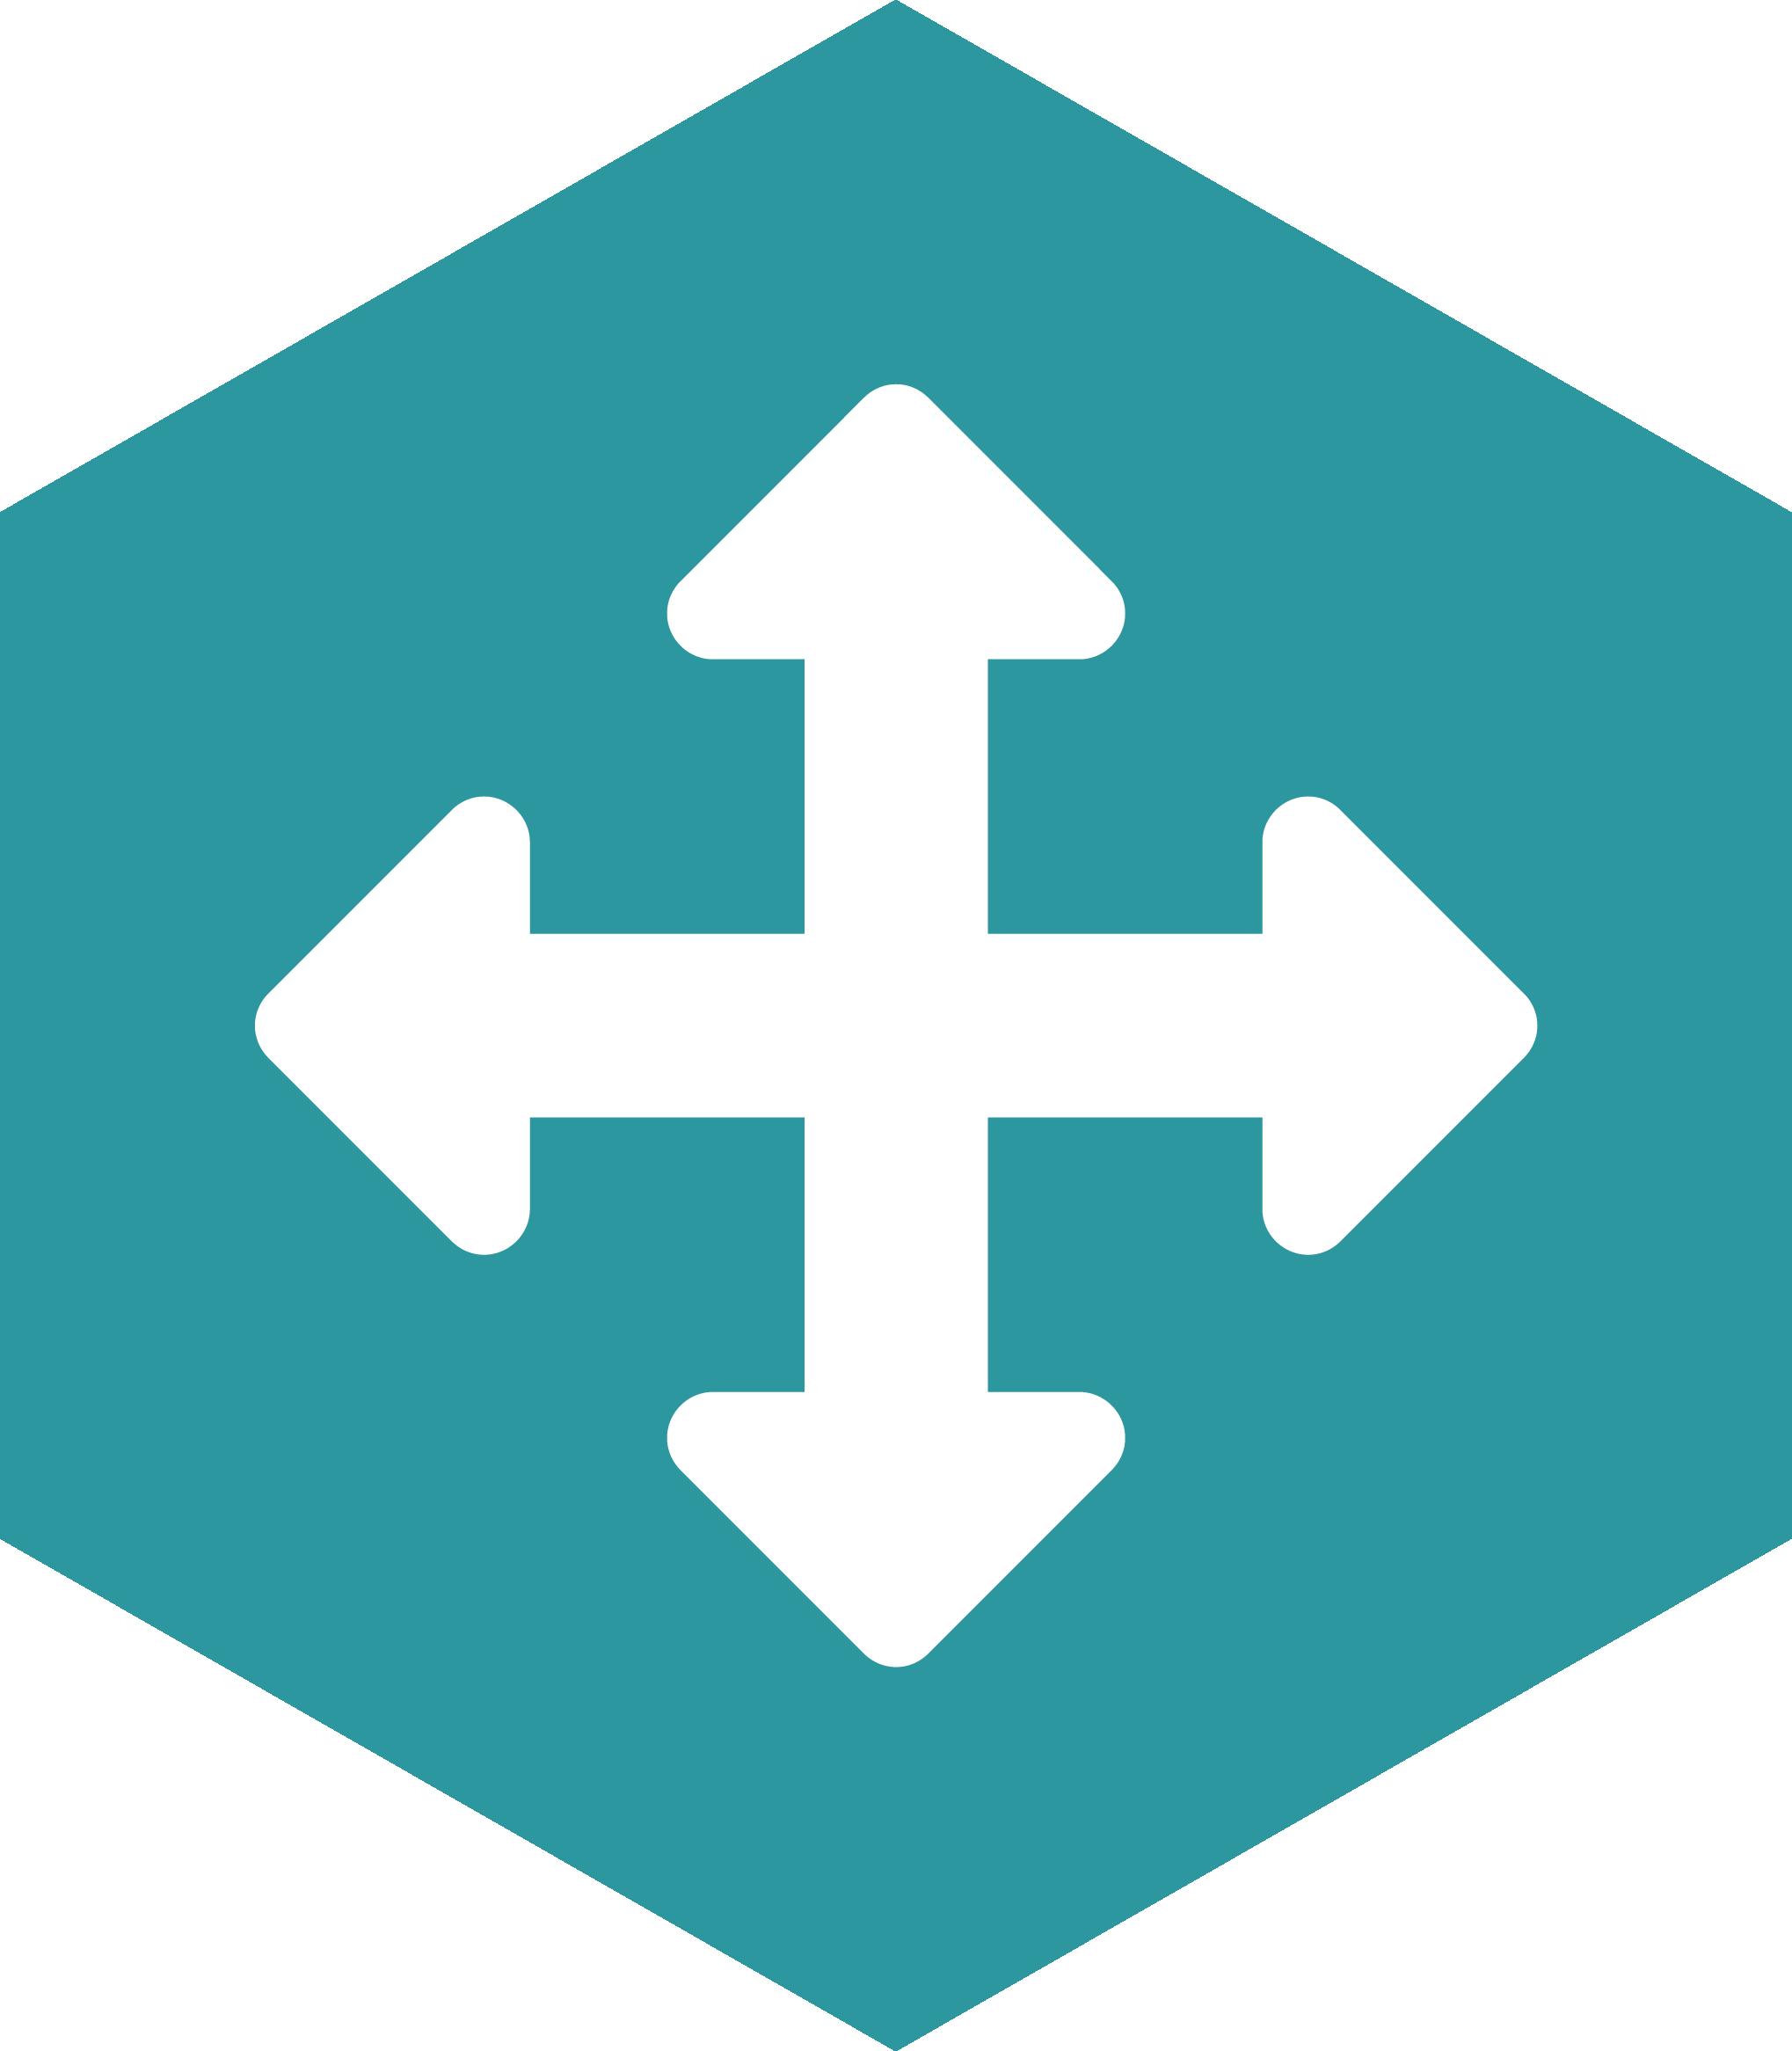 icone relevés bureau d'études structures métalliques